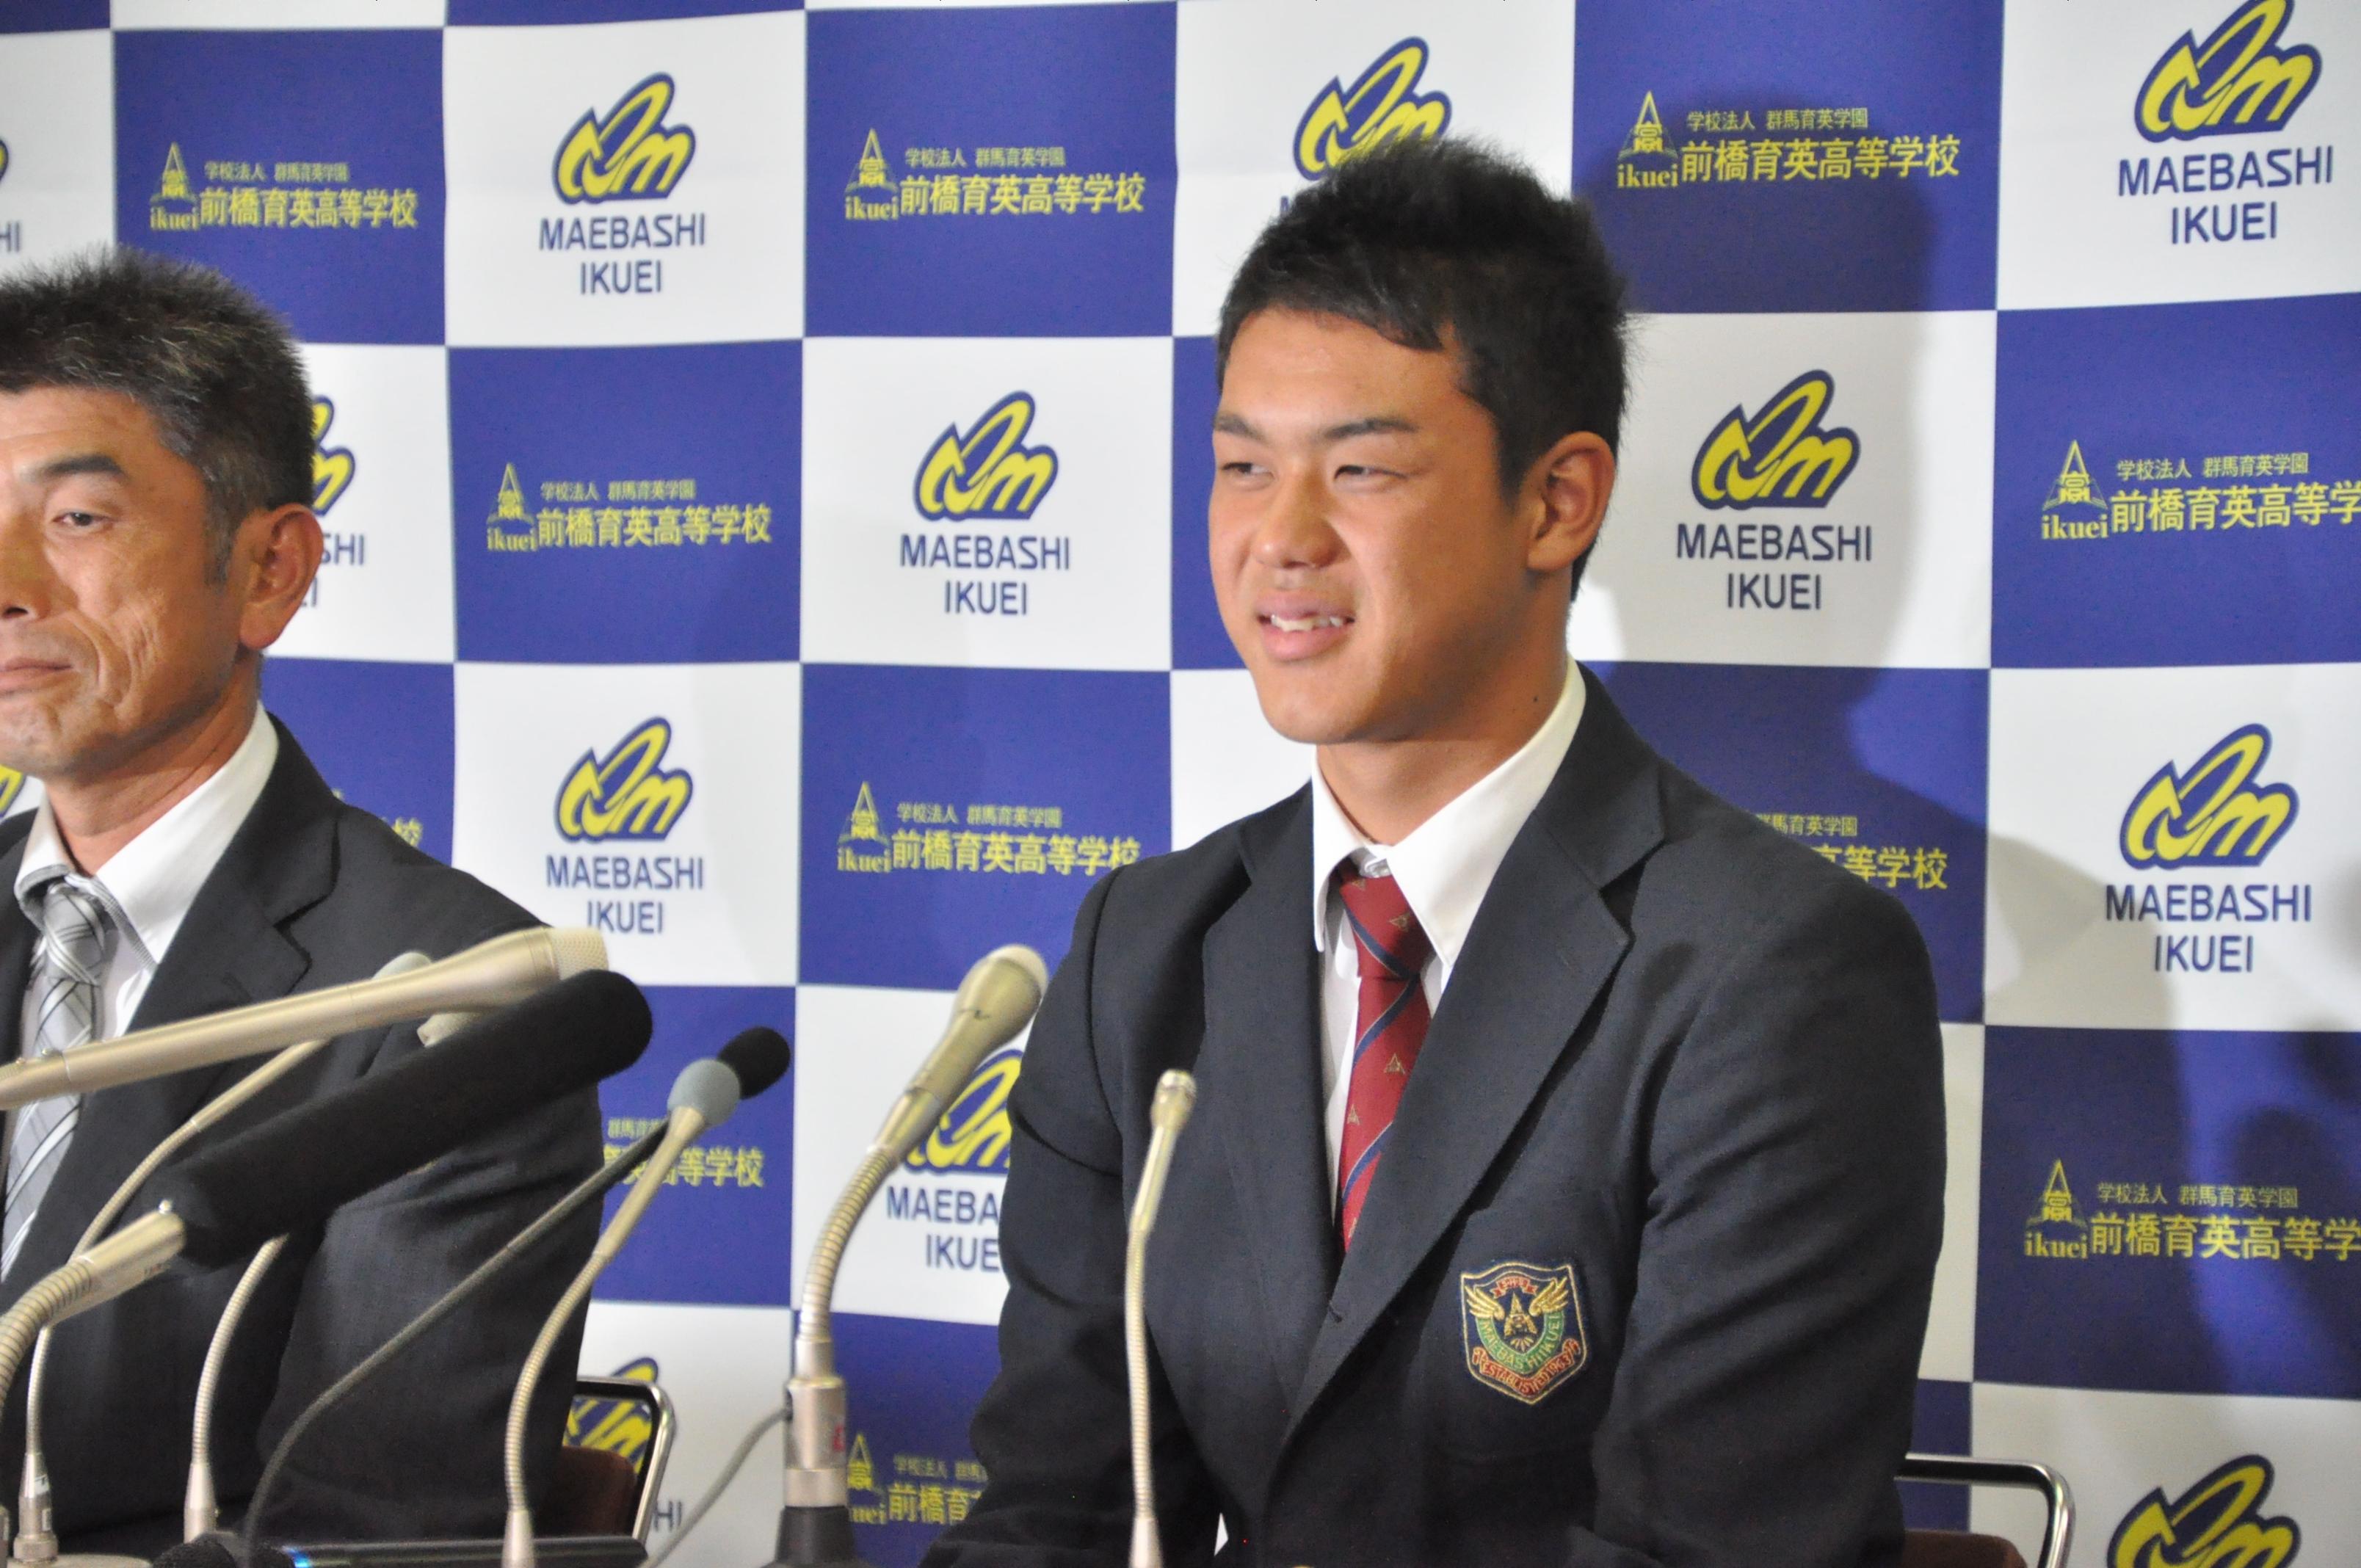 埼玉西武ライオンズは、2014年新人選手選択会議(ドラフト会議)の1巡目に前橋育英高の高橋光成選手を単独指名